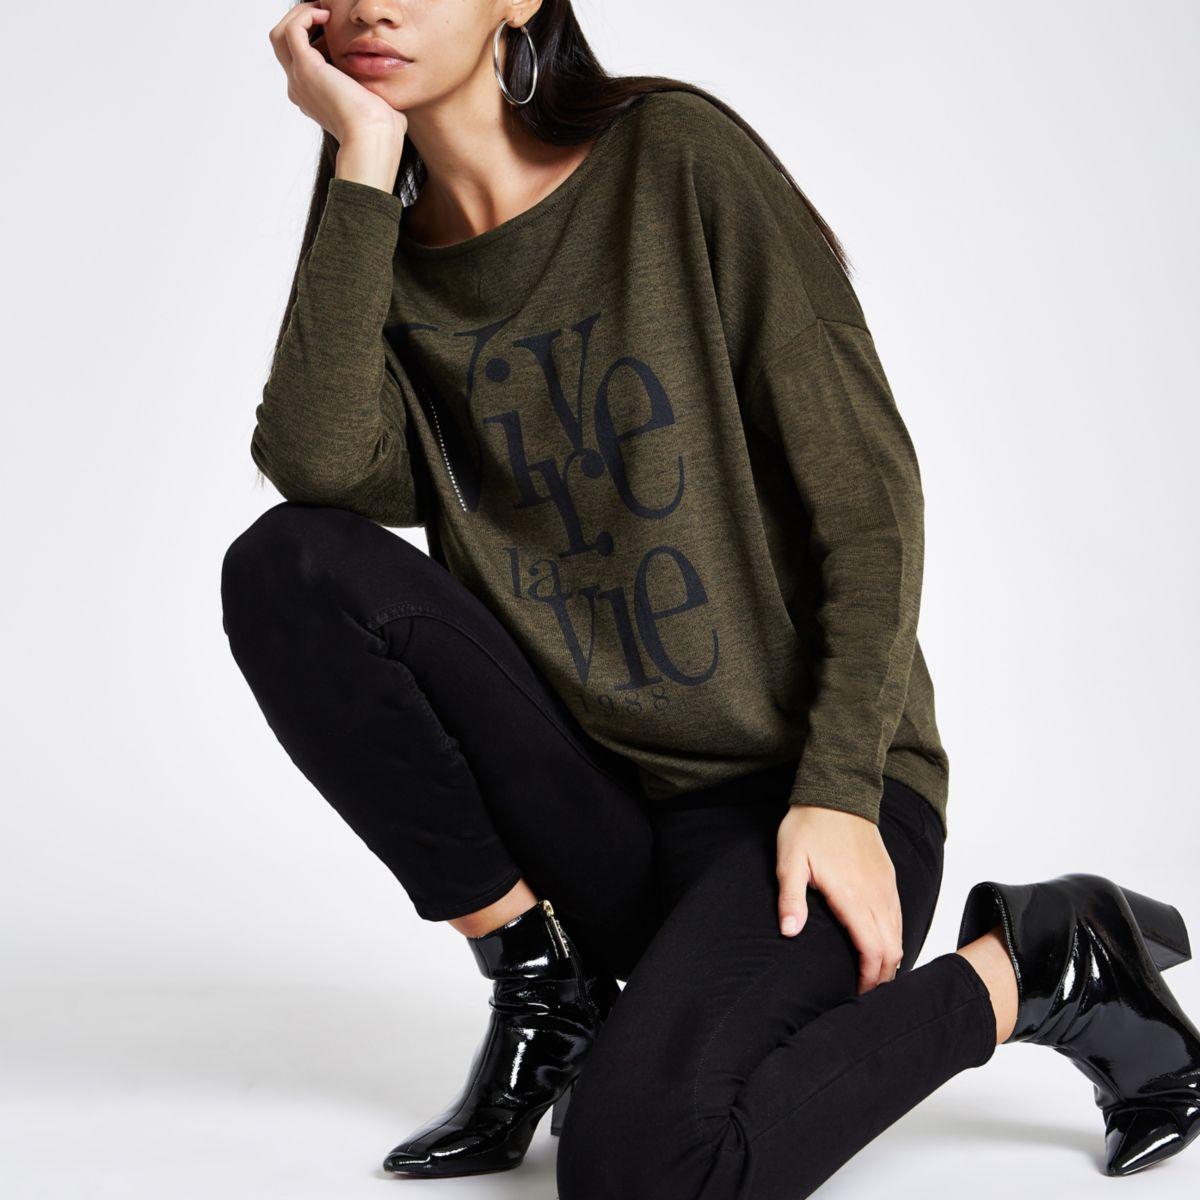 Khaki green hacci 'Vivre La Vie' batwing top